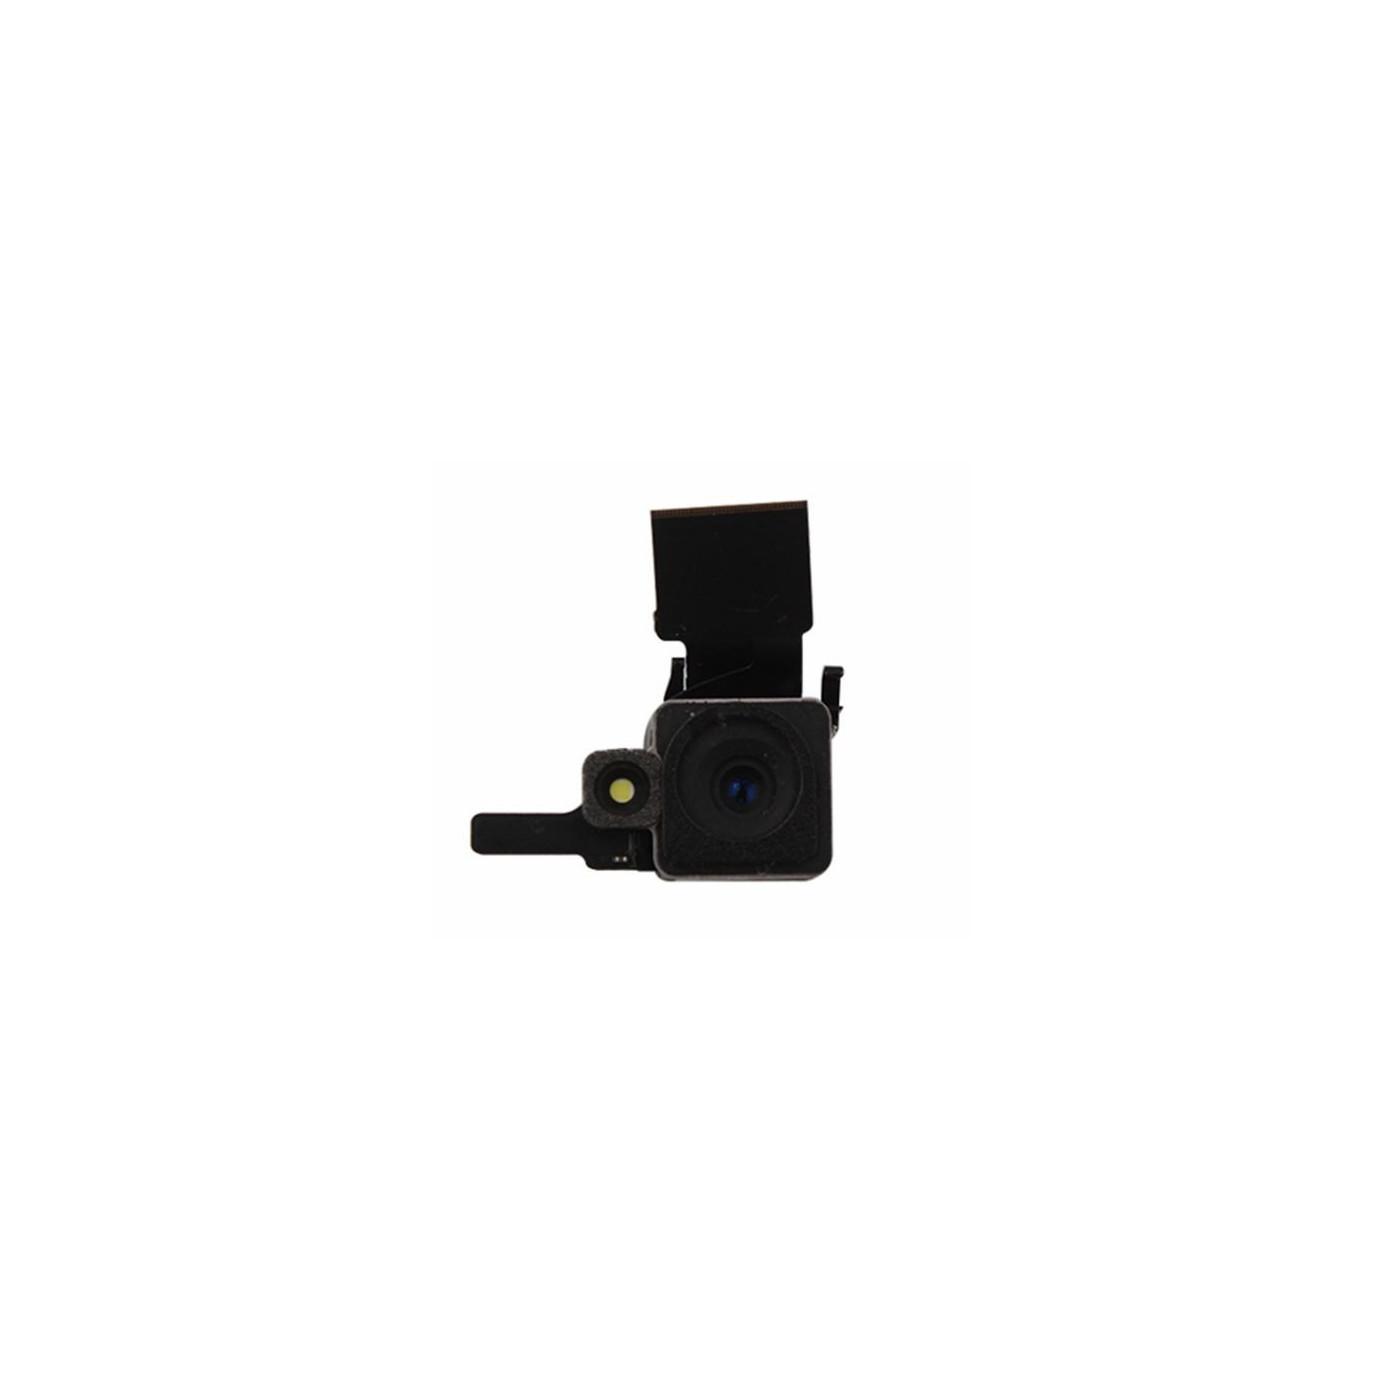 Hinteres Kameramodul hinten 5 mpx Kamera für iphone 4 4g